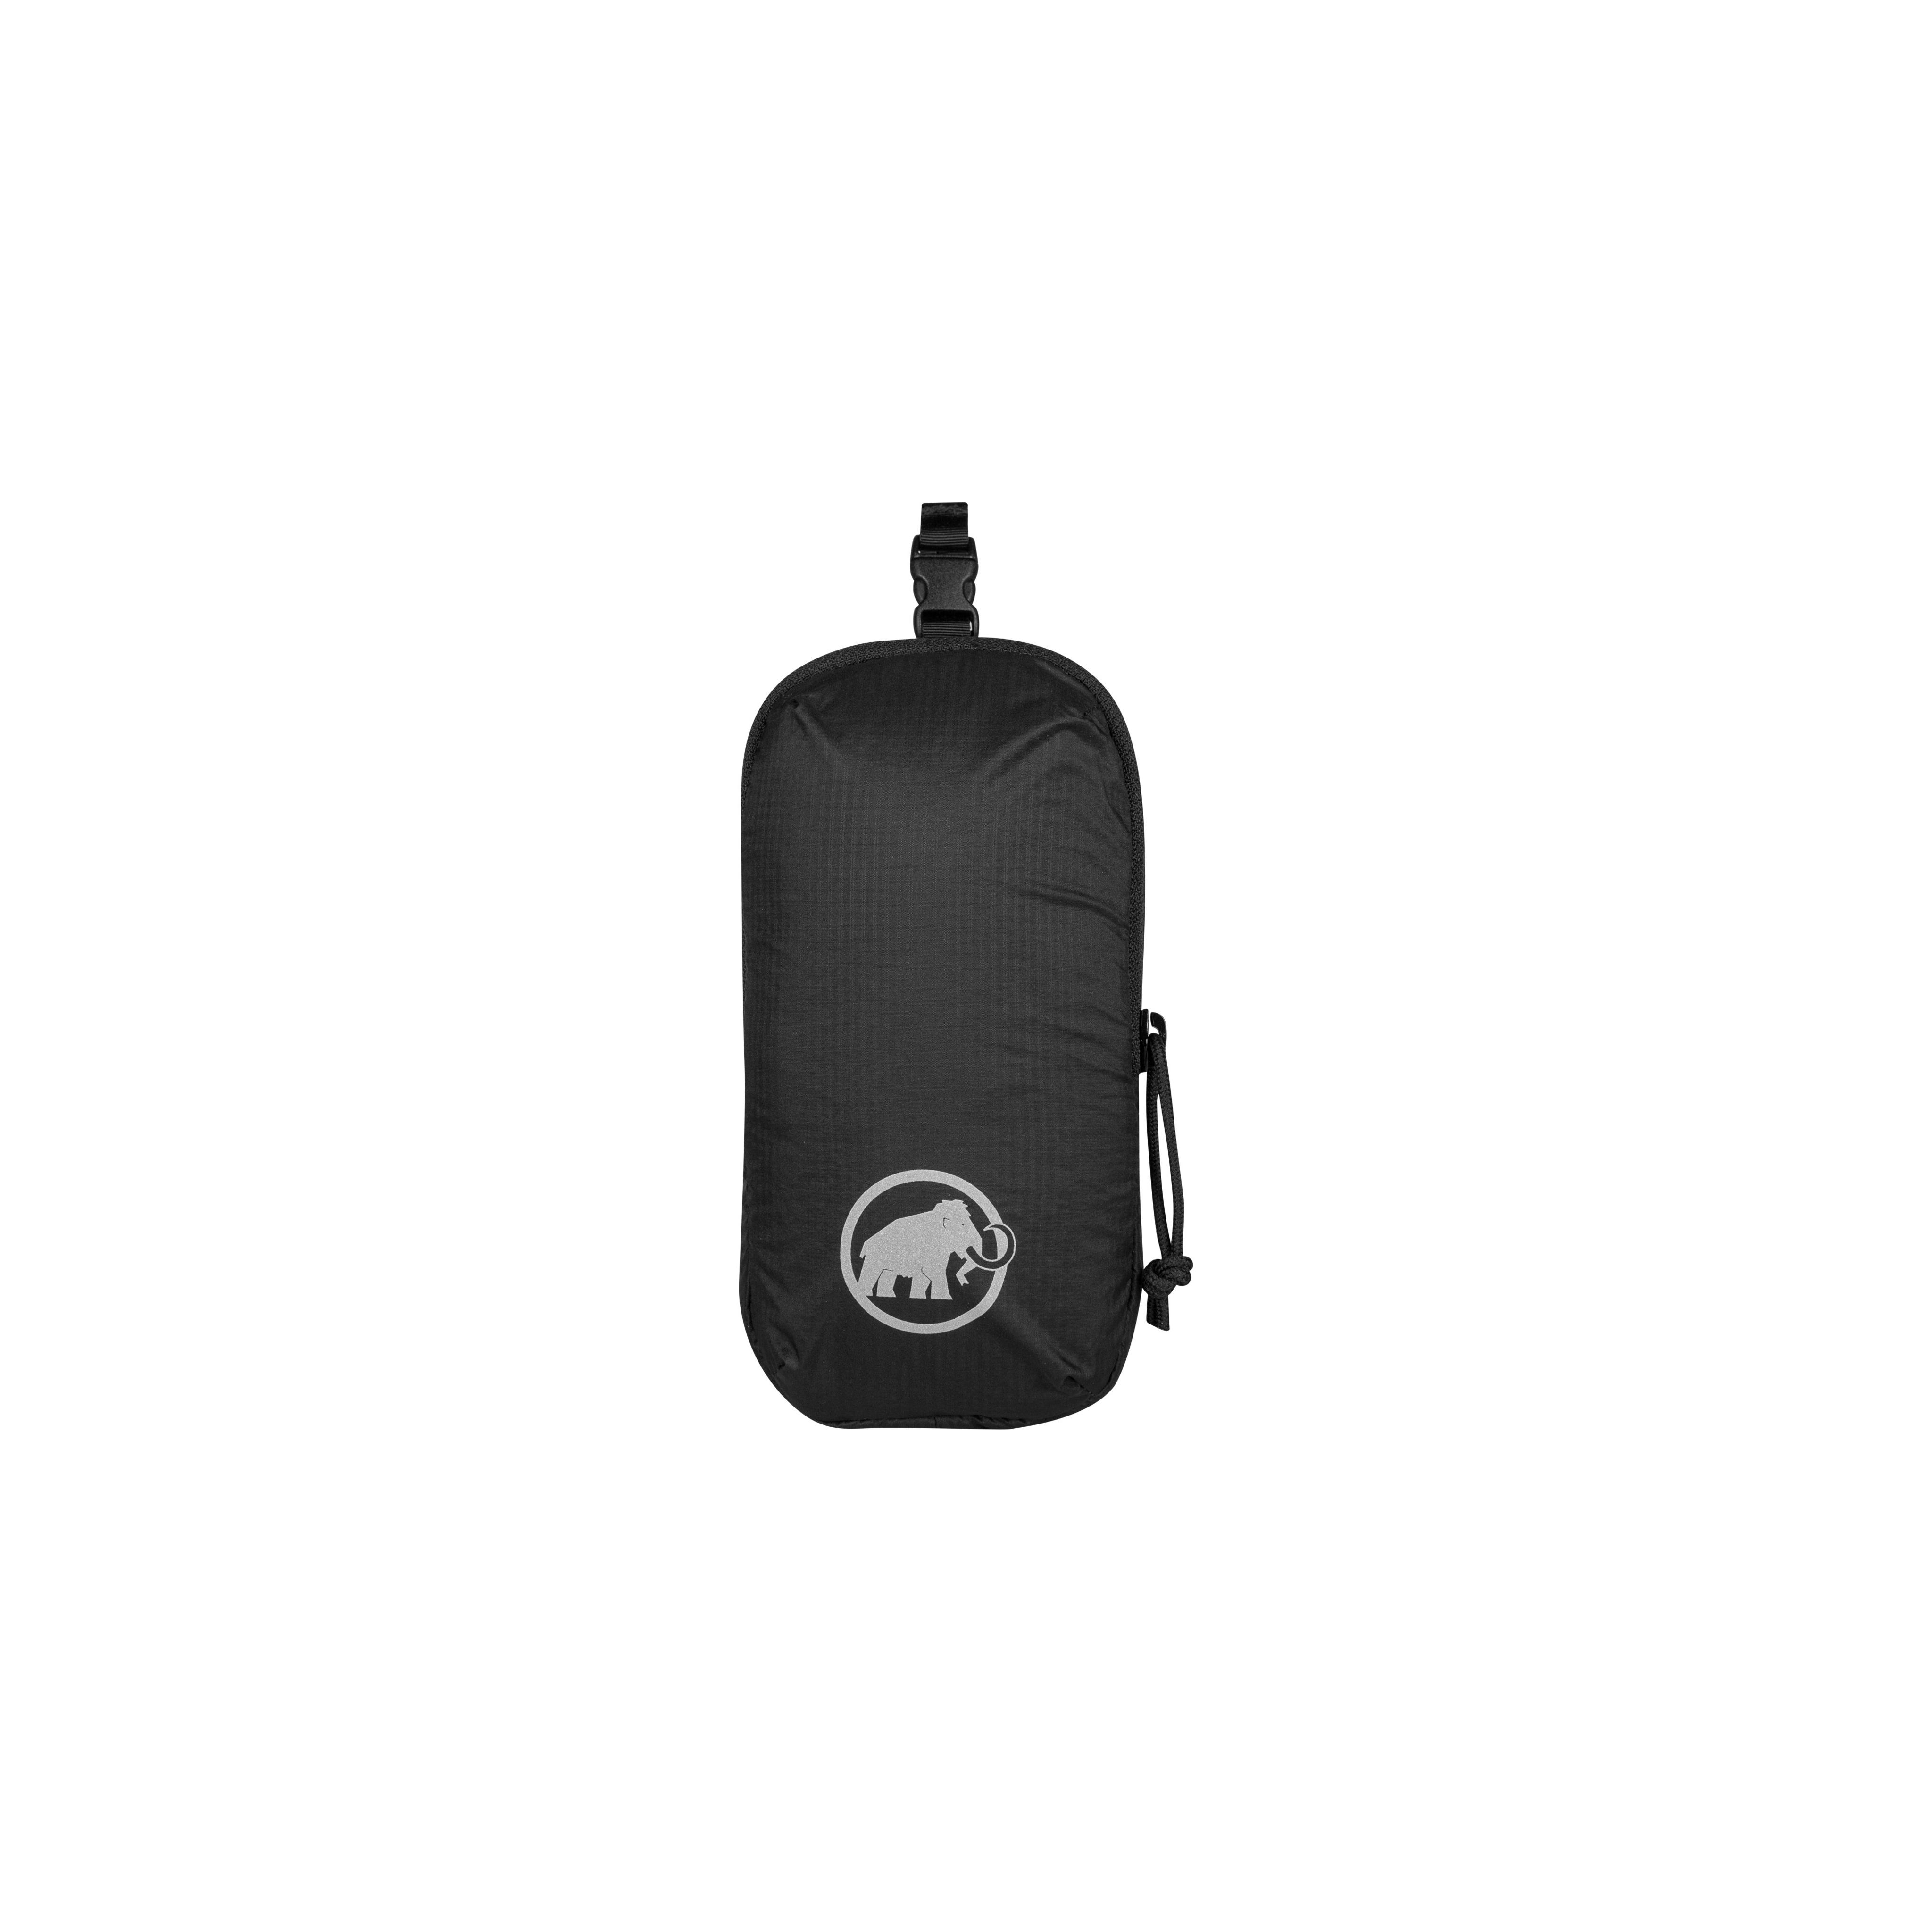 Add-on shoulder harness pocket - black, S thumbnail